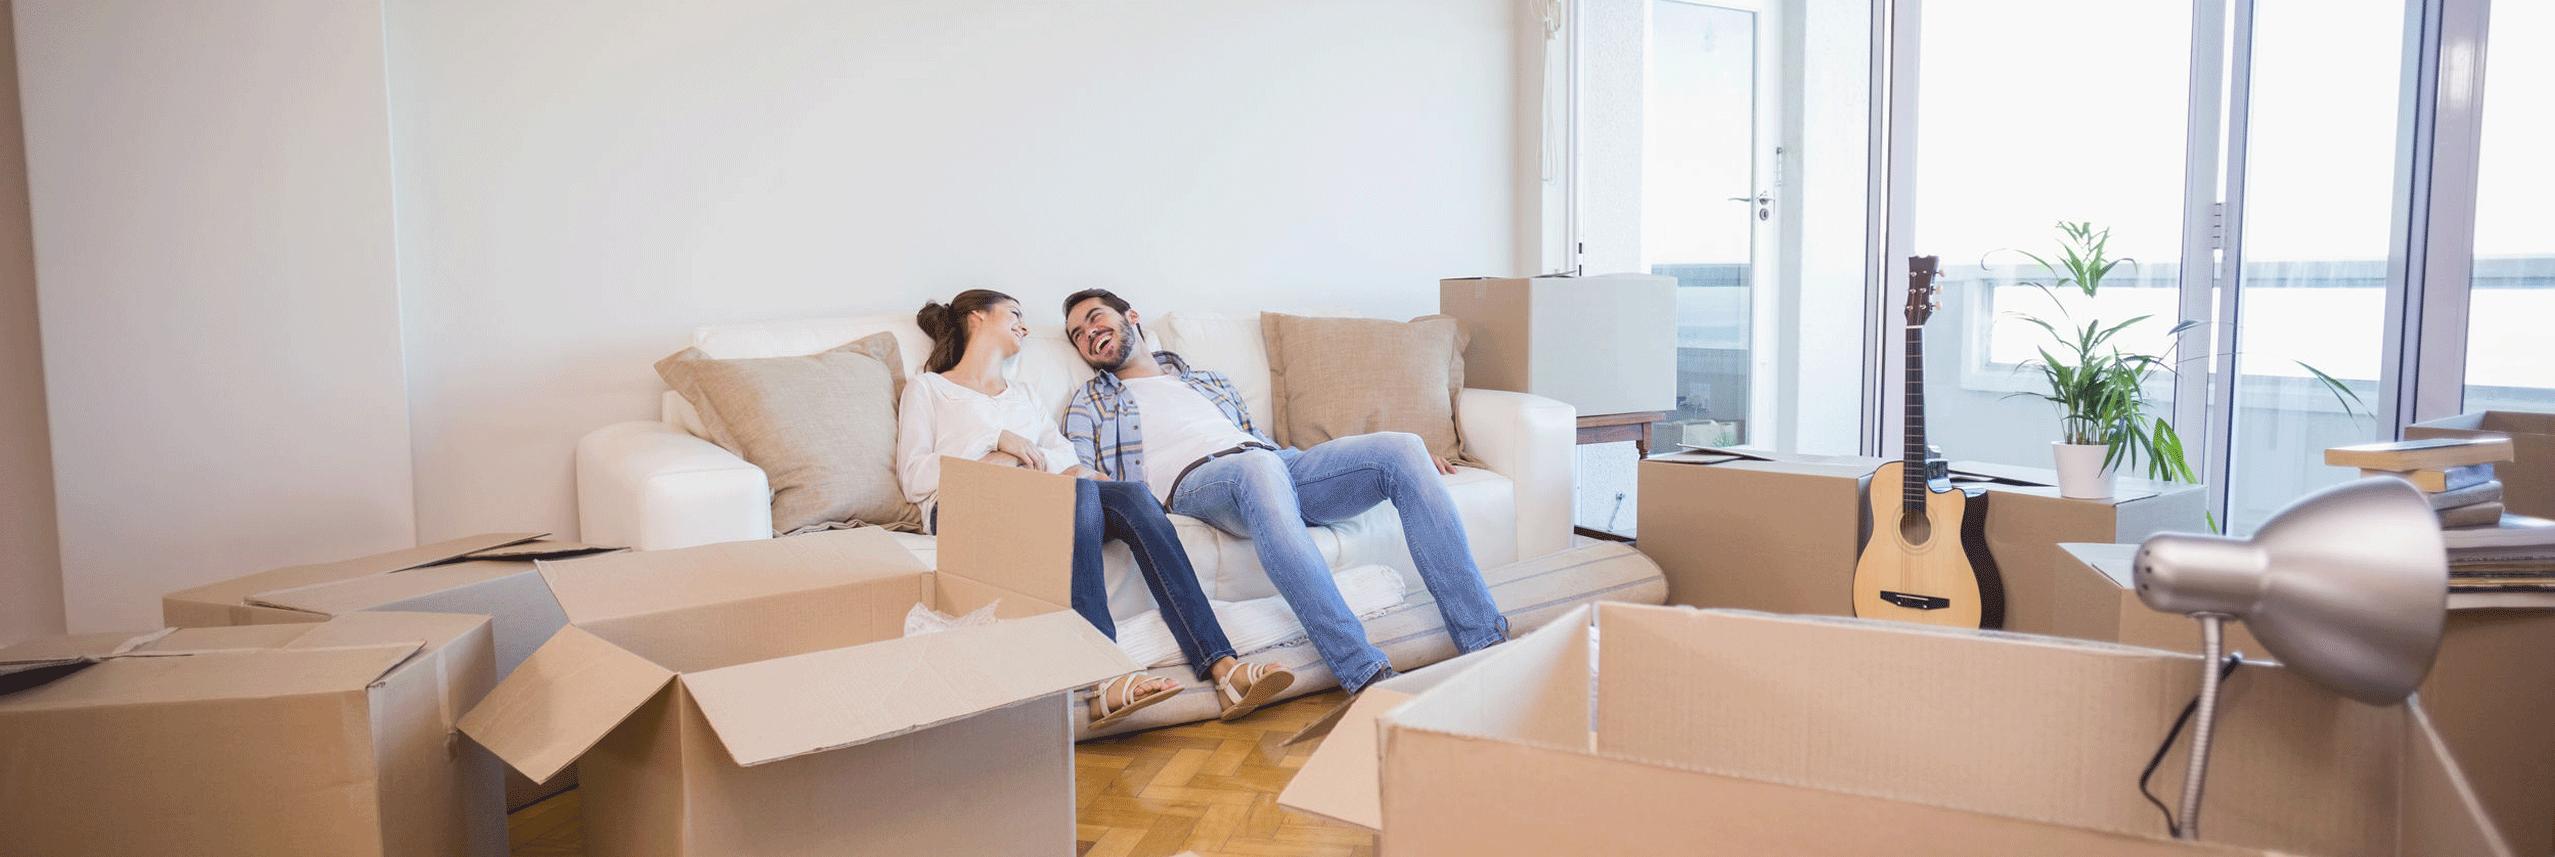 Verhuizen zonder zorgen - Mol Verhuizingen, Breda